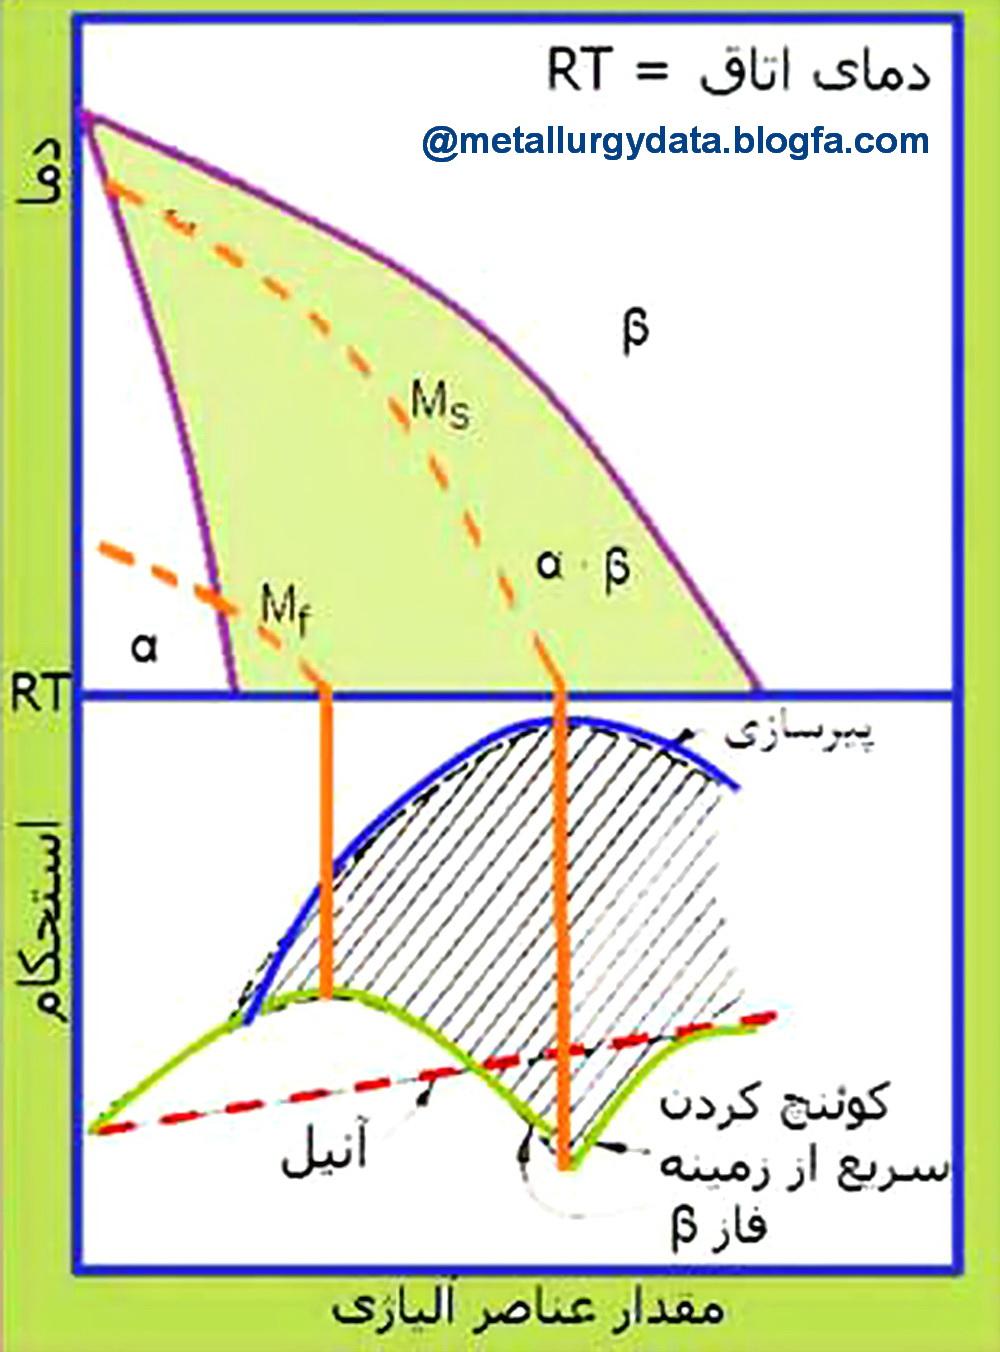 http://s7.picofile.com/file/8251740050/%D8%B9%D9%85%D9%84%DB%8C%D8%A7%D8%AA_%D8%AD%D8%B1%D8%A7%D8%B1%D8%AA%DB%8C_%D8%AA%DB%8C%D8%AA%D8%A7%D9%86%DB%8C%D9%88%D9%85.jpg